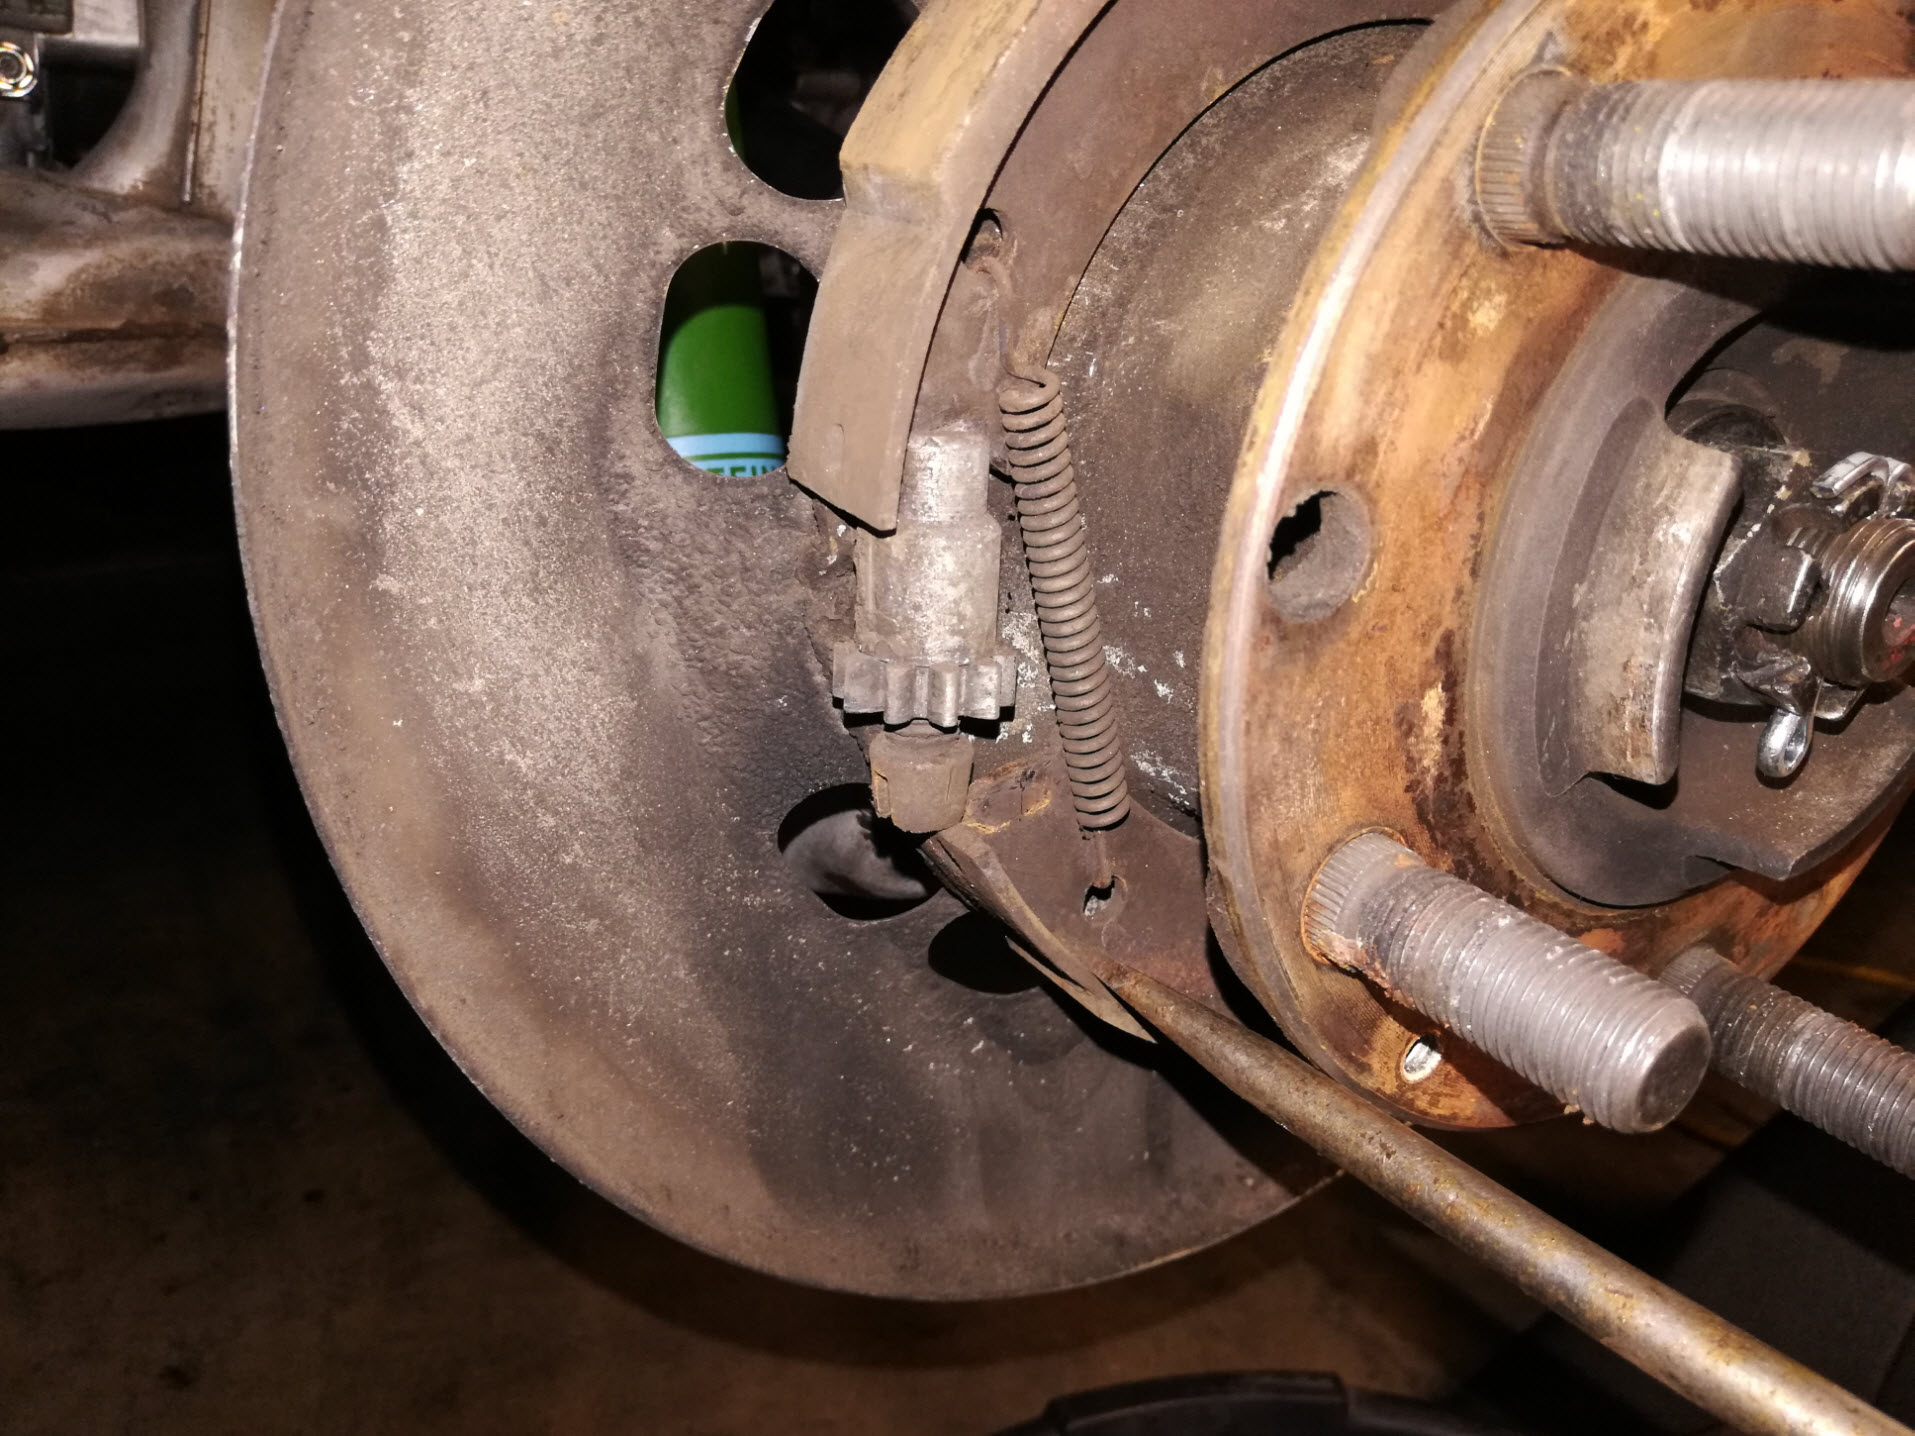 Air-cooled Porsche 911 parking brake adjuster removal.